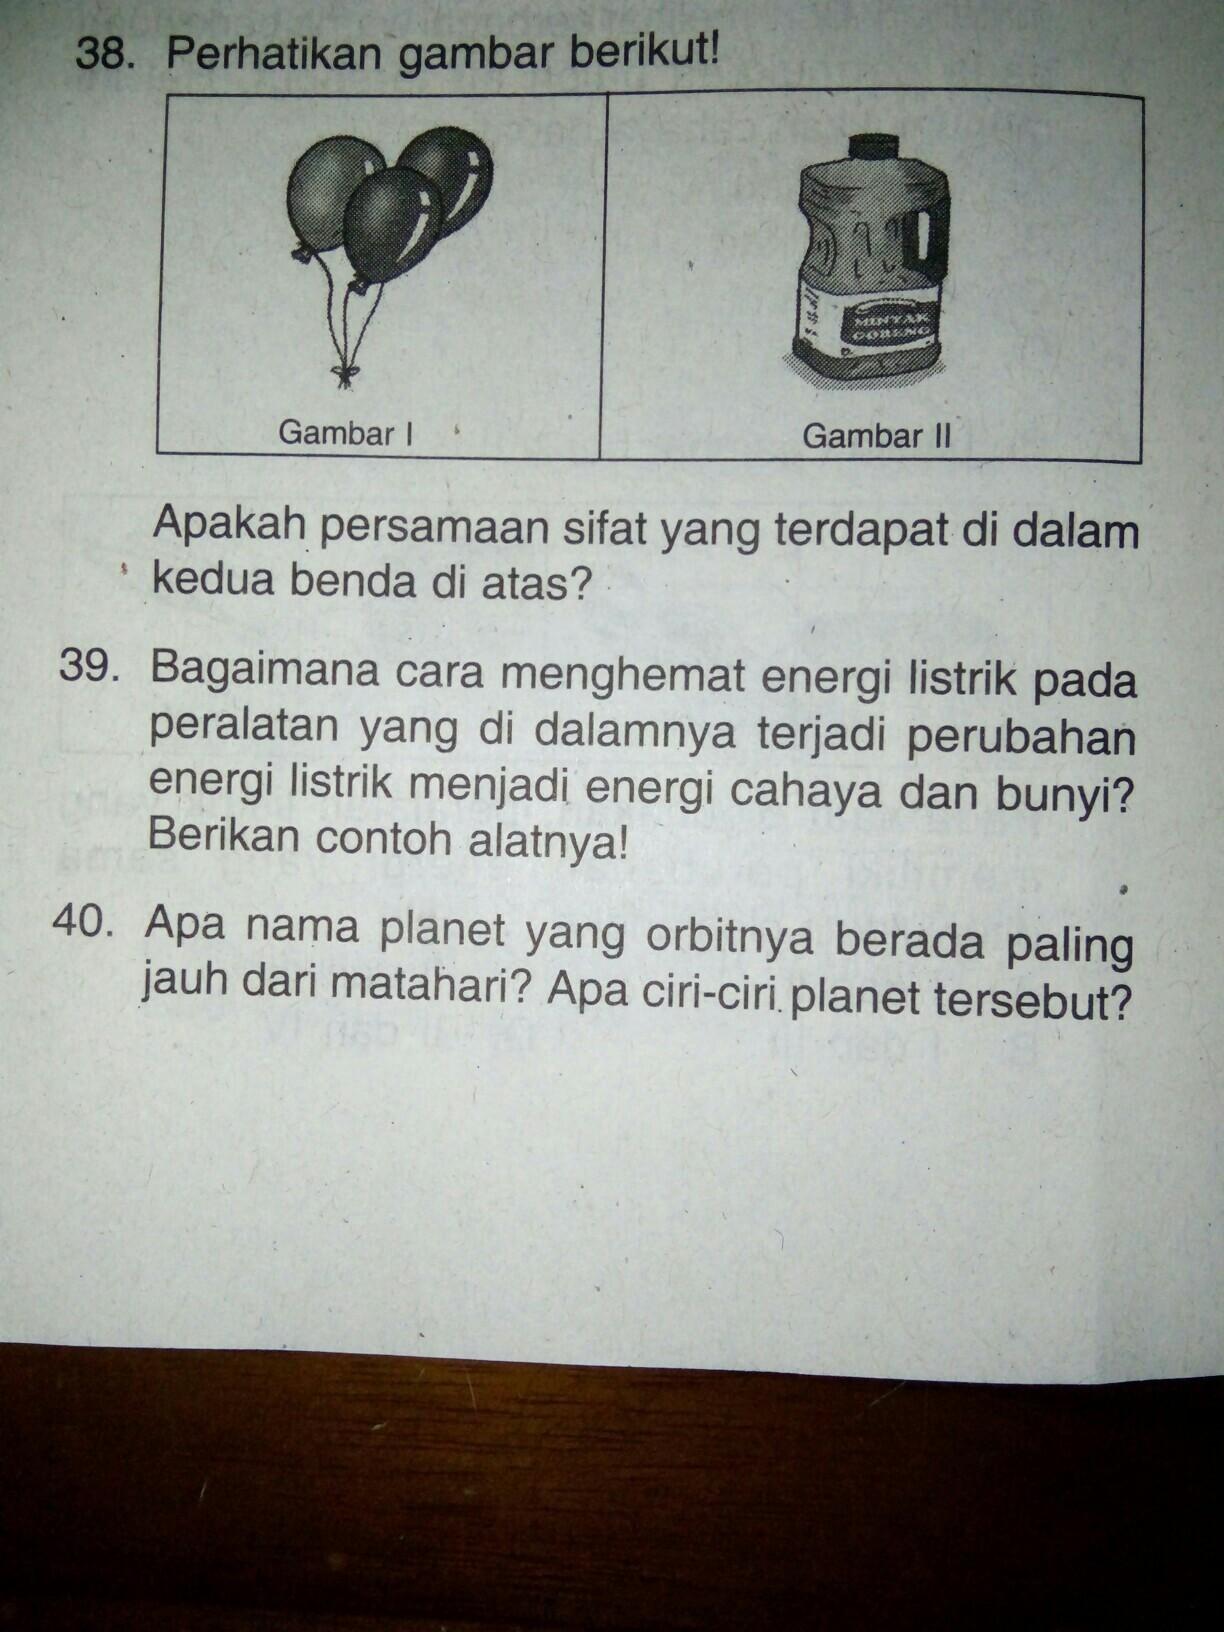 Contoh Perubahan Energi Listrik Menjadi Energi Panas : contoh, perubahan, energi, listrik, menjadi, panas, Contoh, Perubahan, Energi, Listrik, Menjadi, Cahaya, Barisan